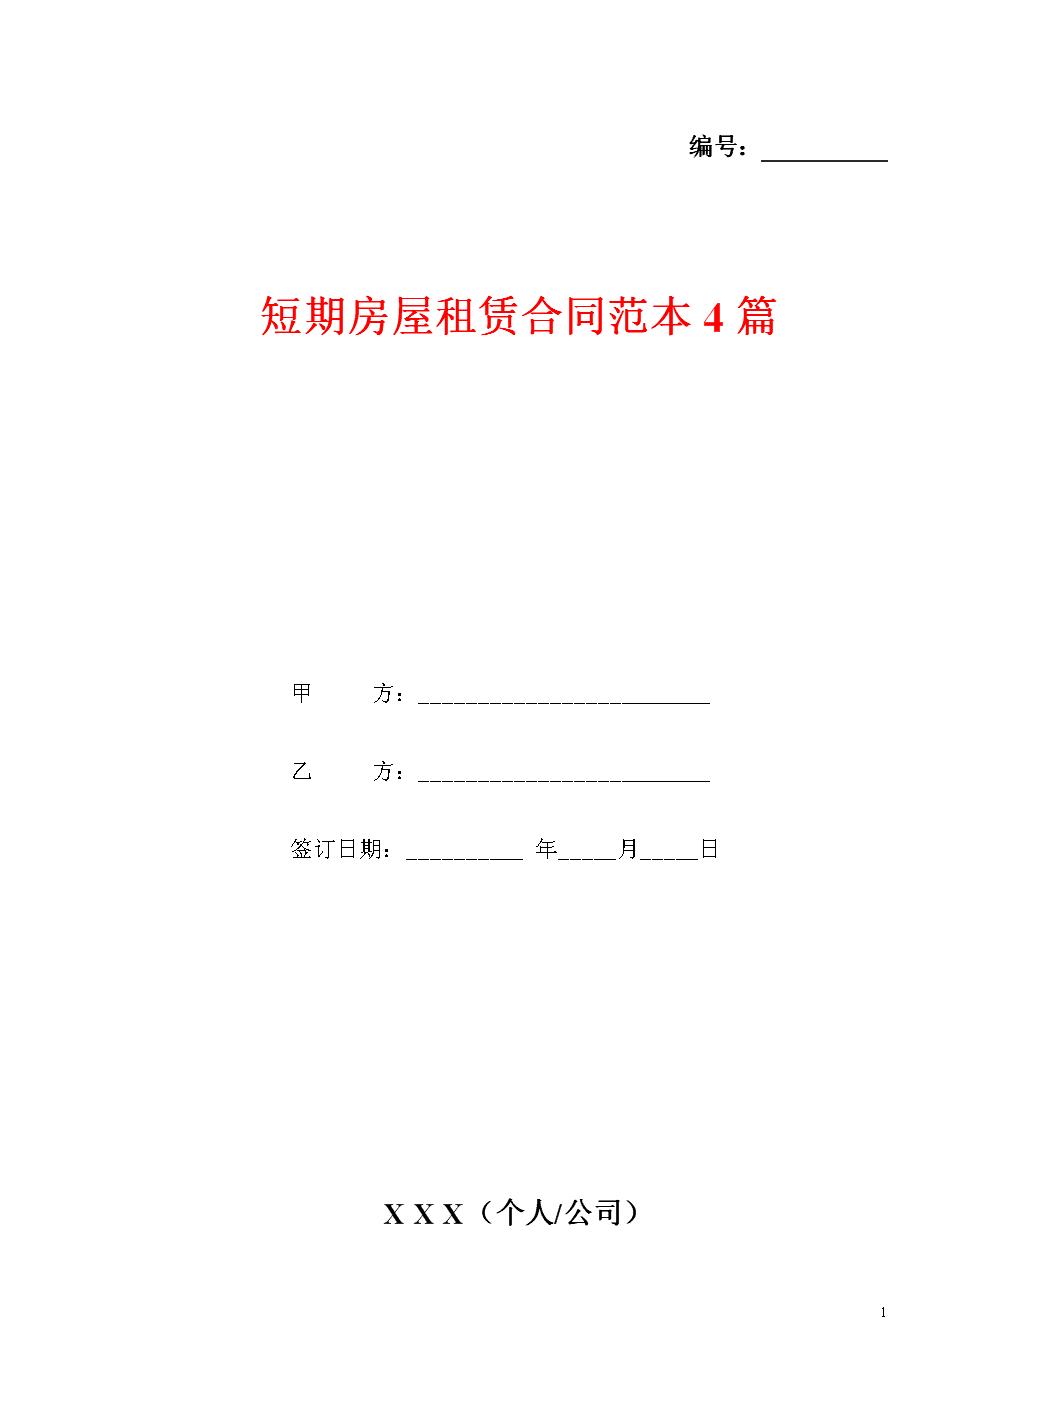 短期房屋租赁合同范本4篇 .doc